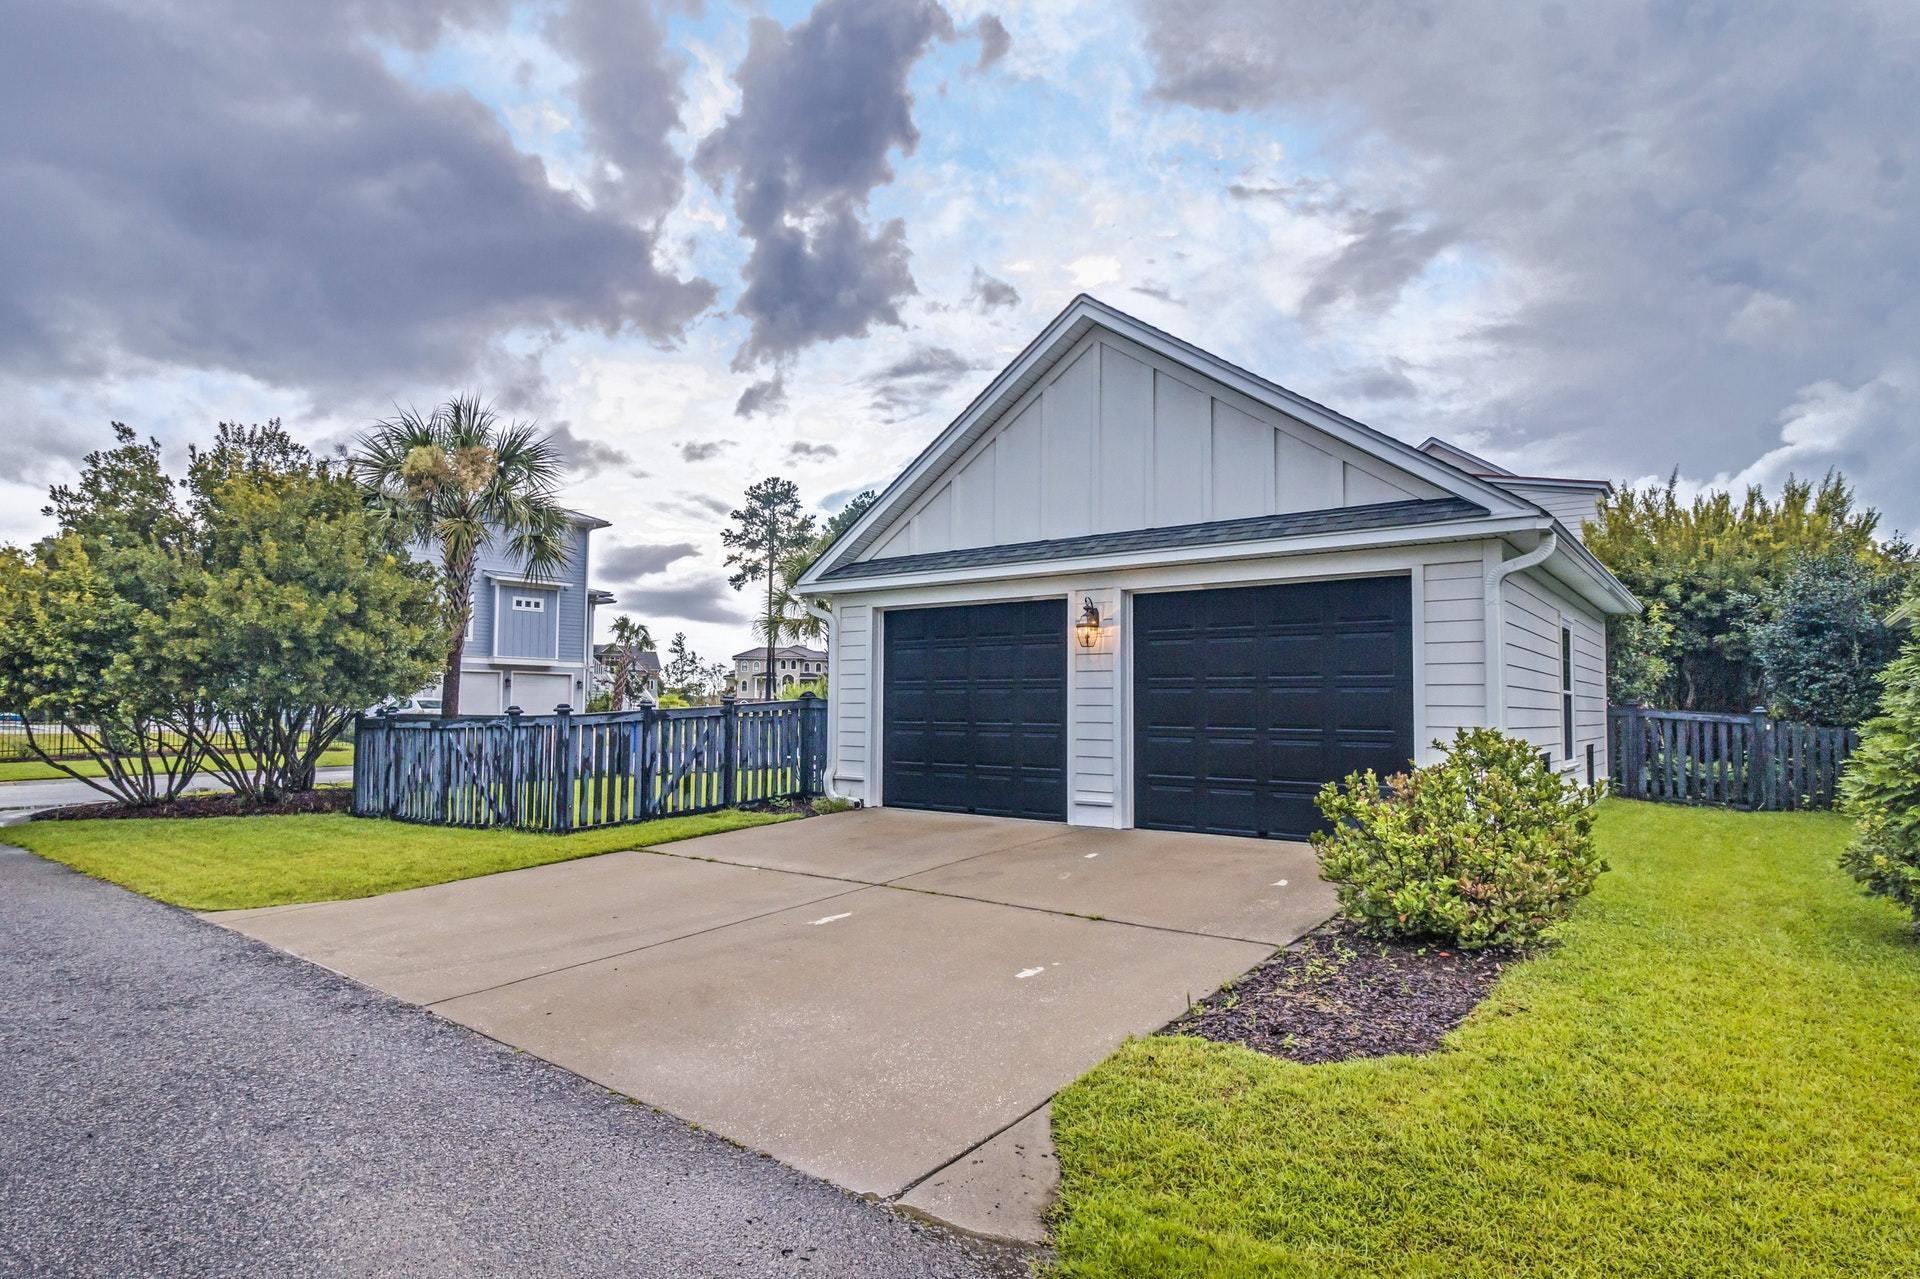 Dunes West Homes For Sale - 2816 River Vista, Mount Pleasant, SC - 23